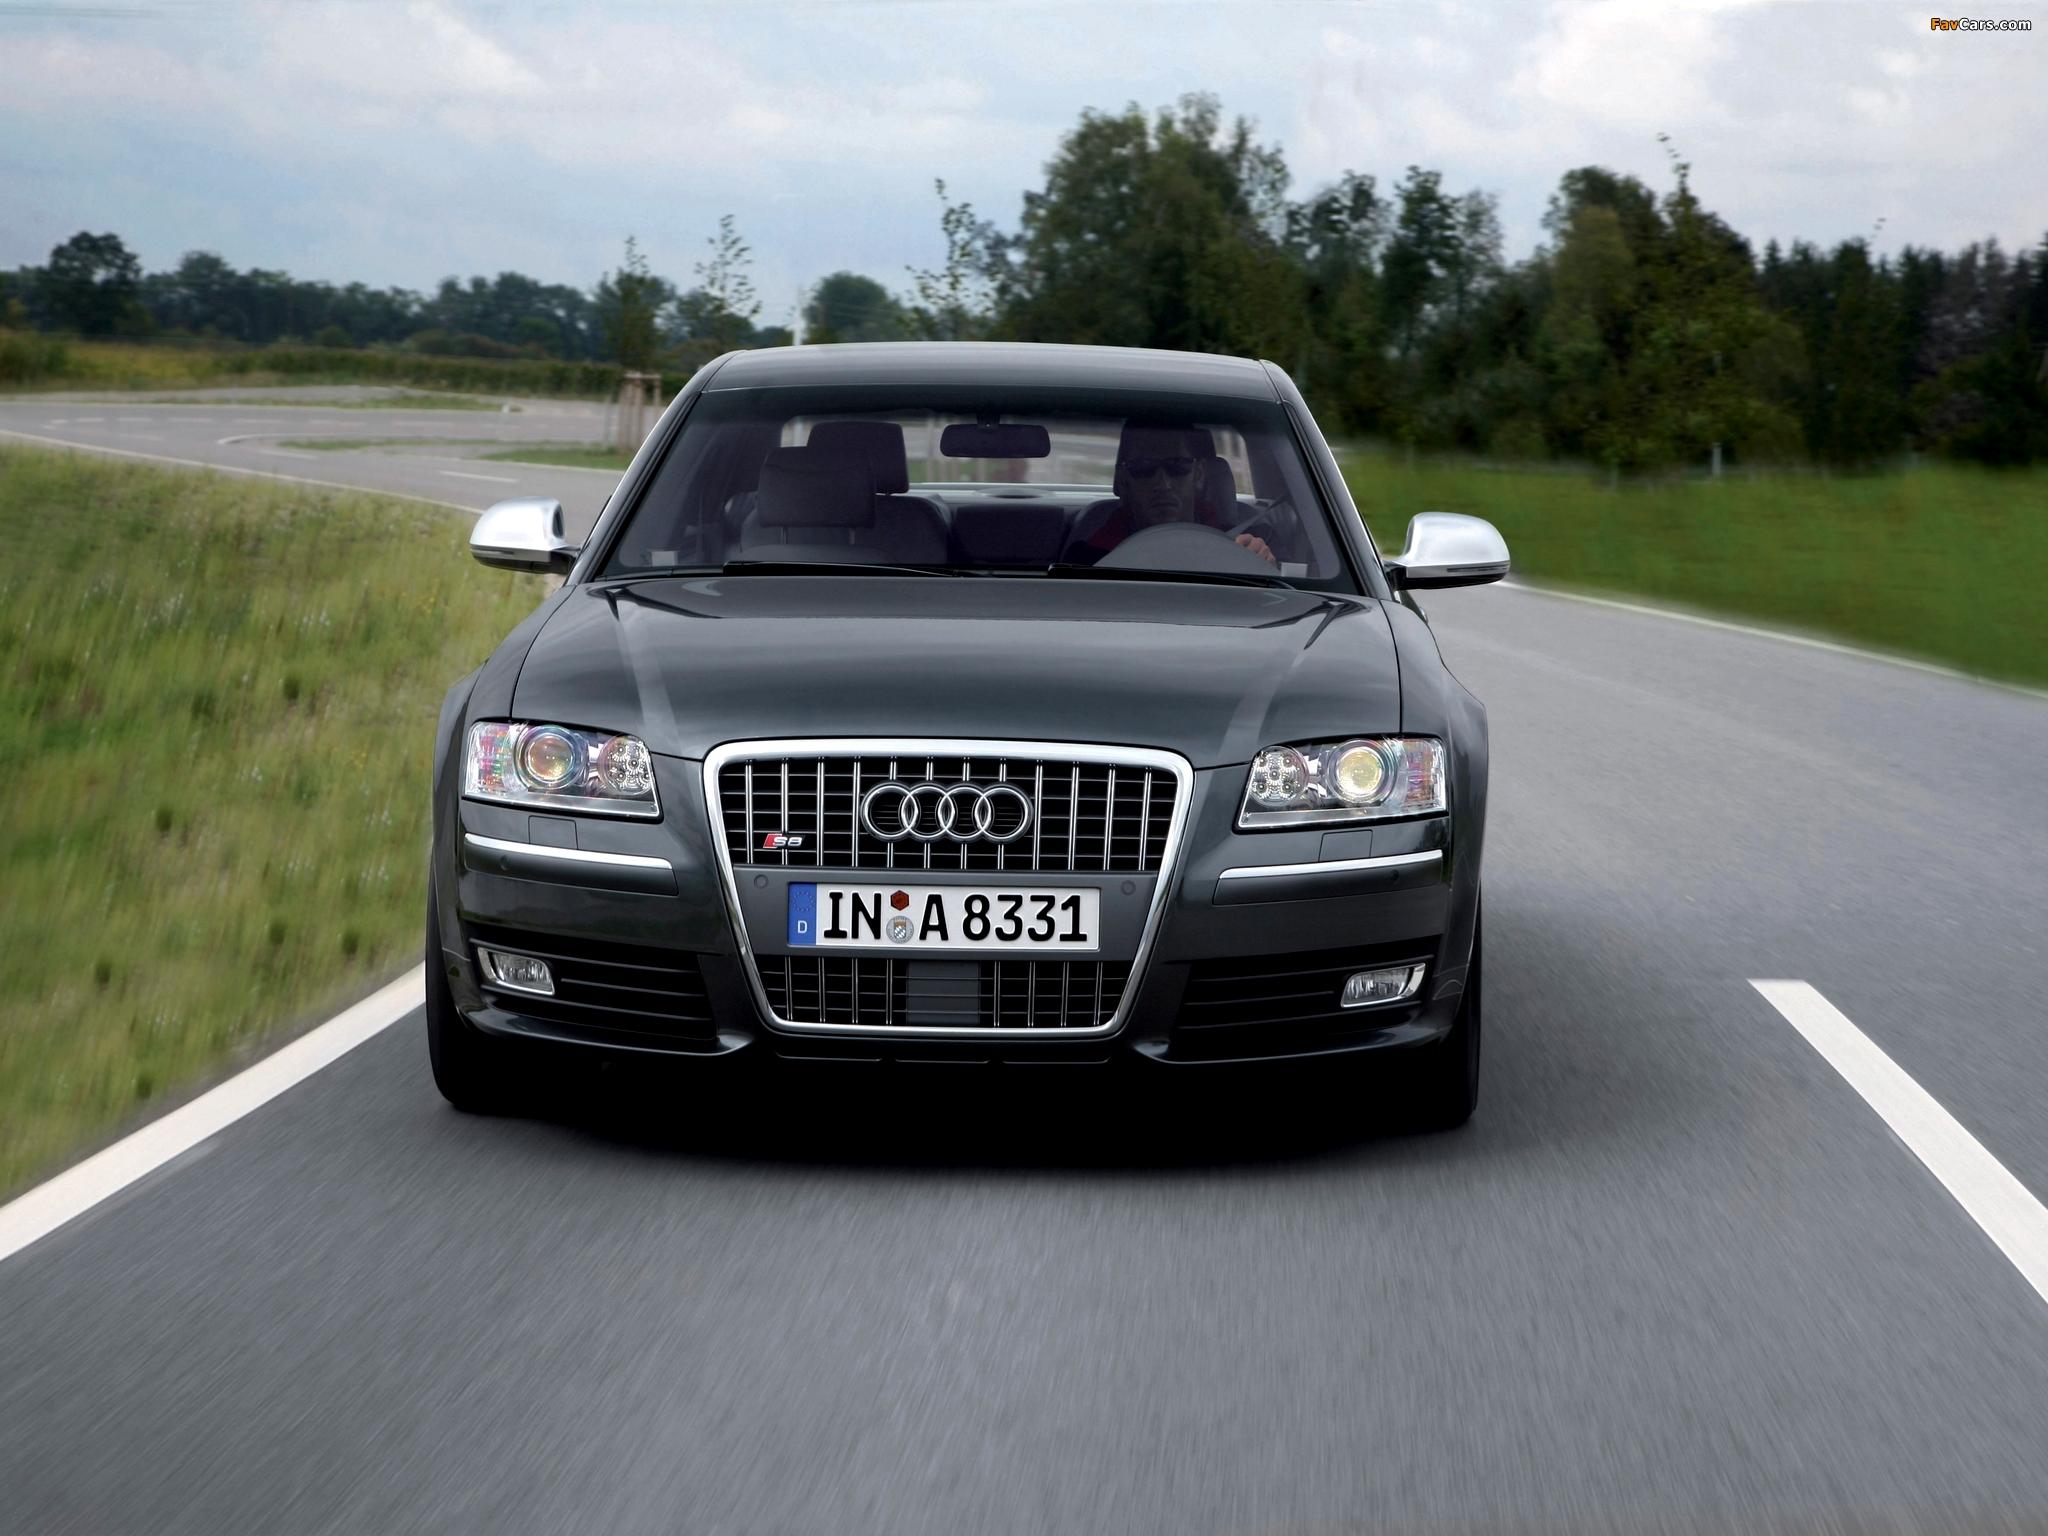 Audi S8 (D3) 2008-11 pictures (2048x1536)